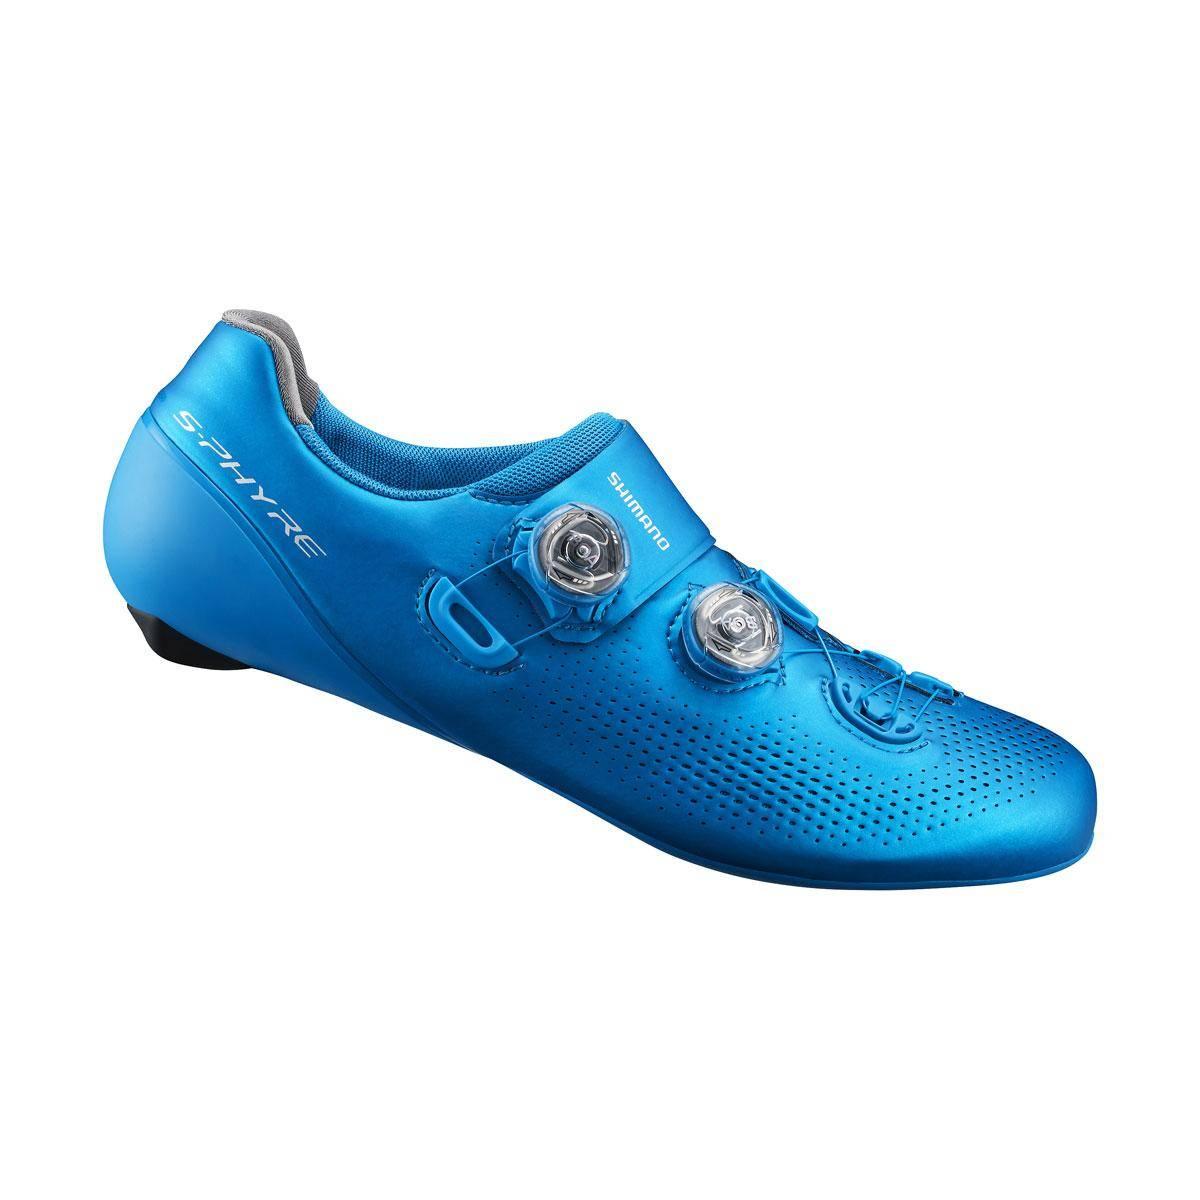 SHIMANO silniční obuv SH-RC901MB, modrá, 46